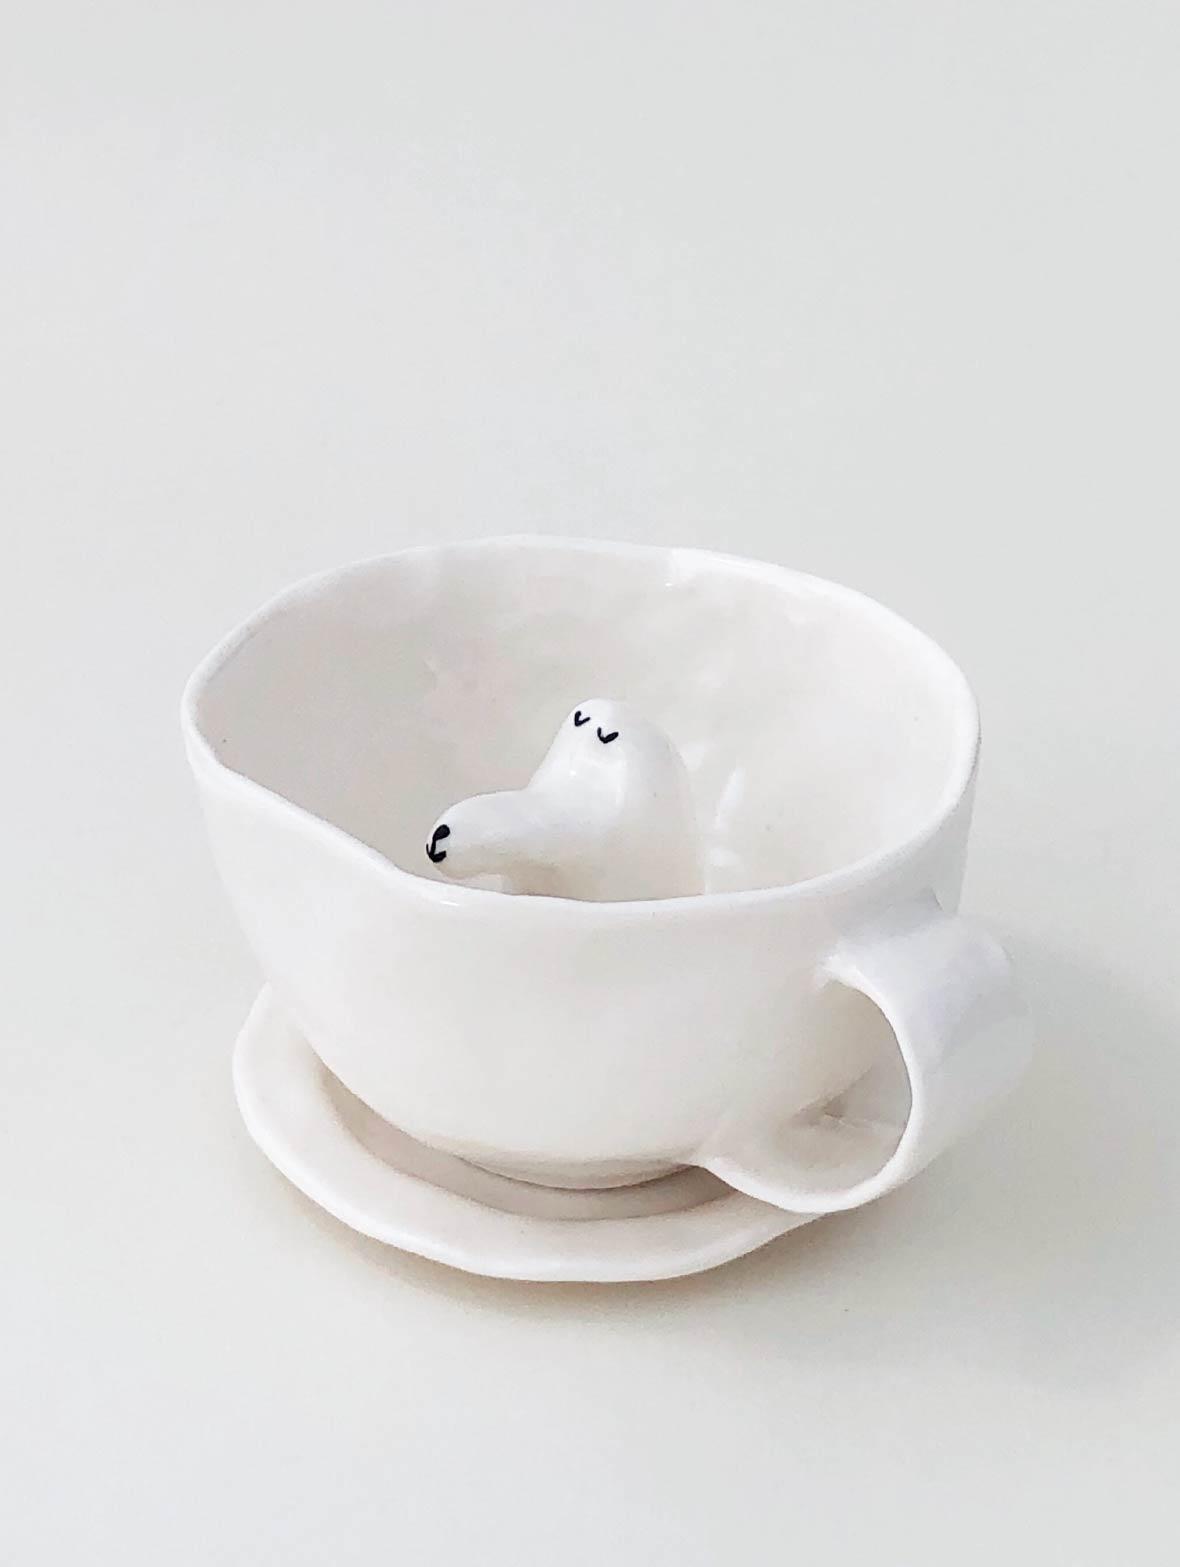 【TK】しあわせのコーヒーカップ(白みみ・すやすや)